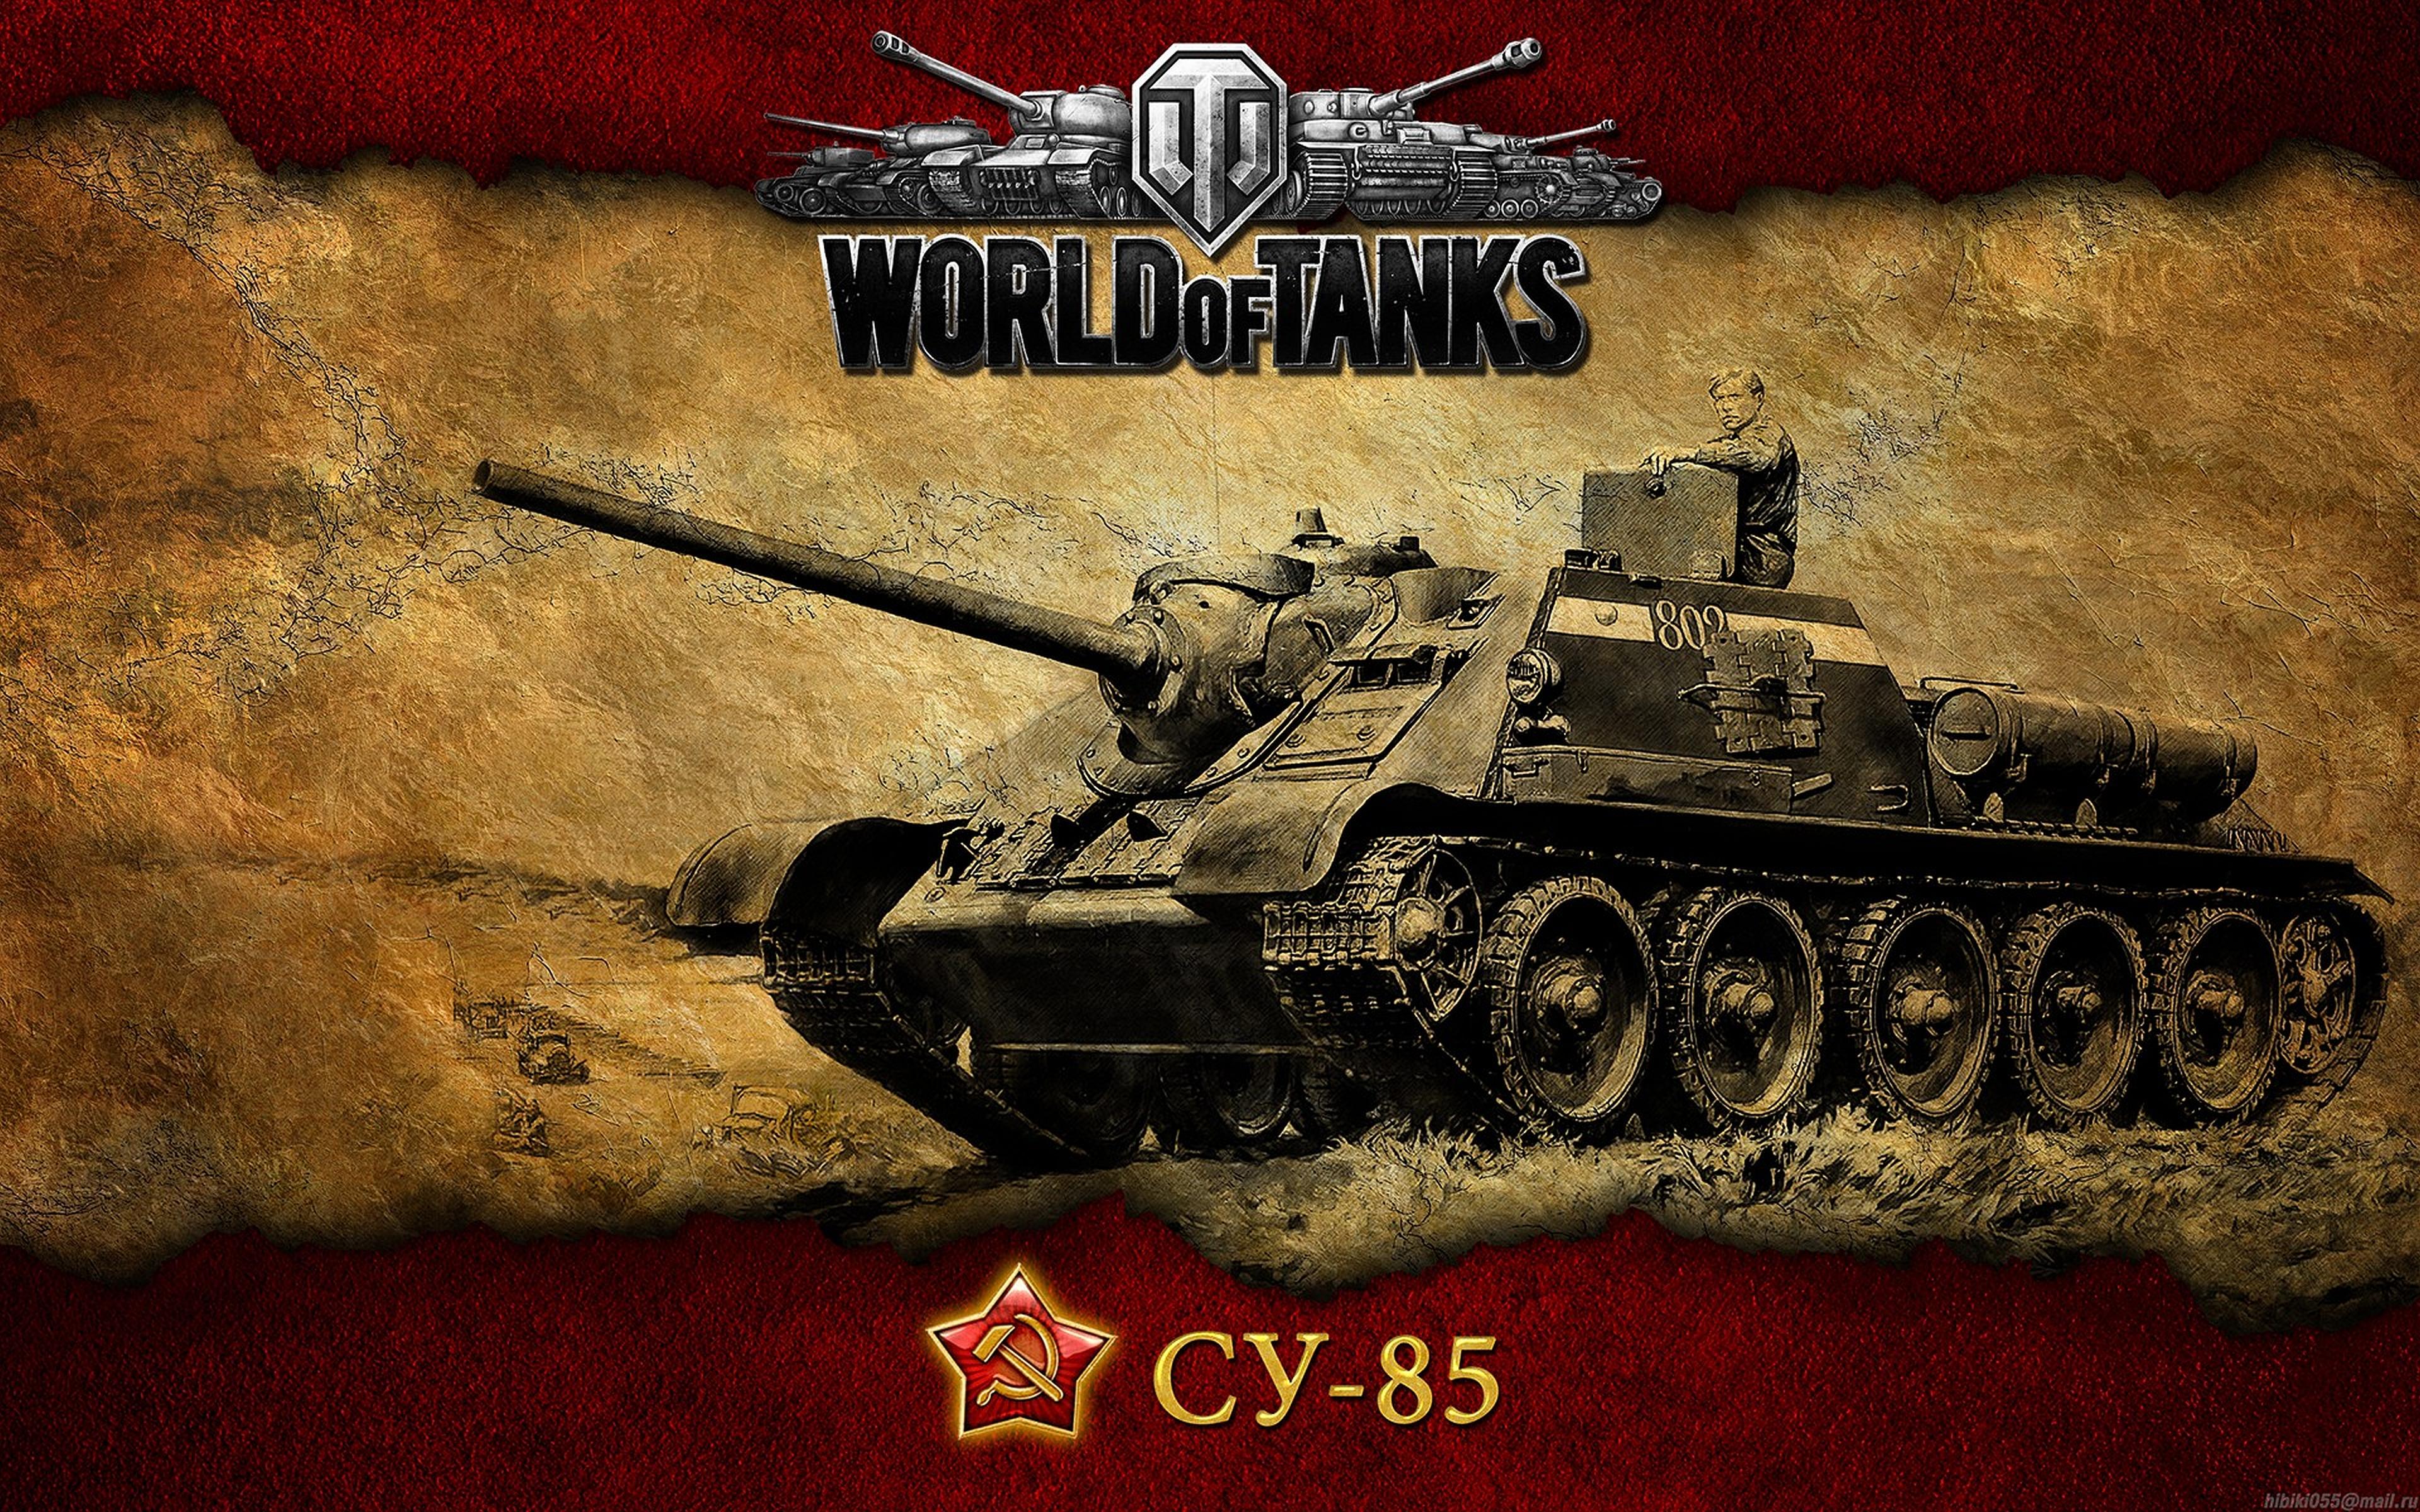 Русский ответ на world of tanks 6 фотография